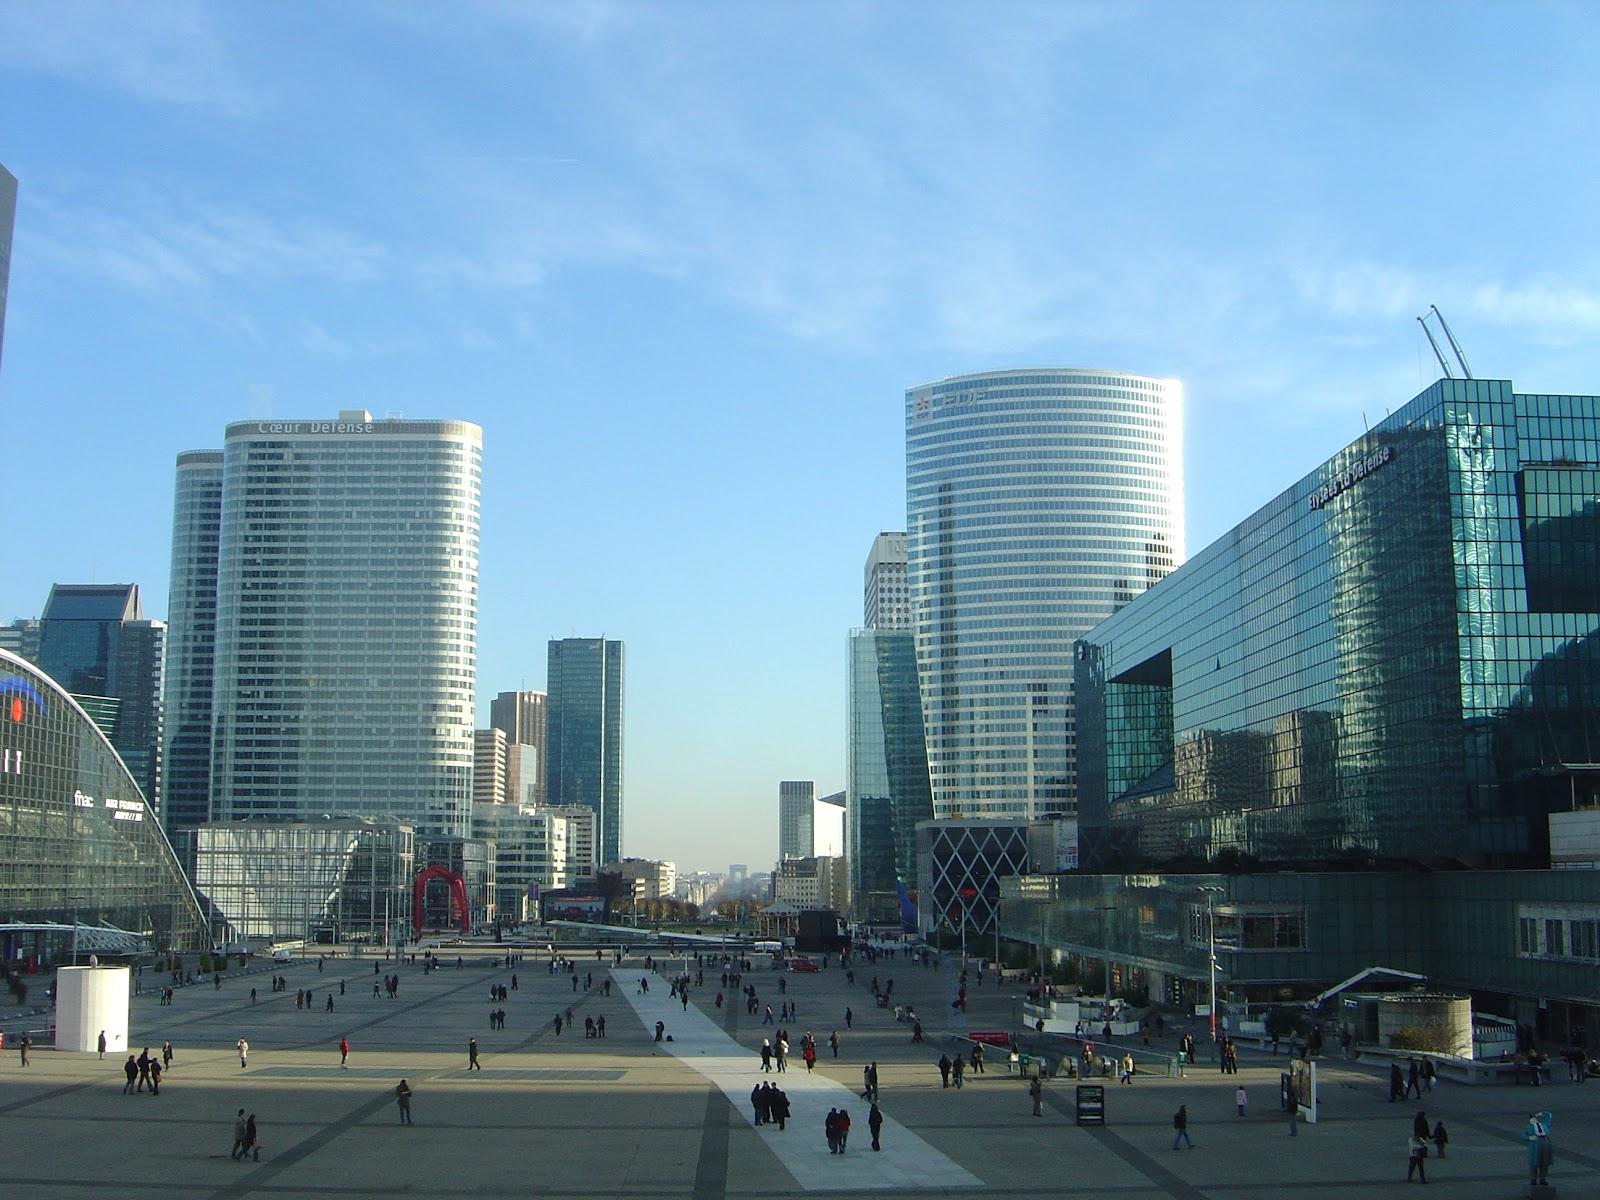 Laideur de l'architecture et de l'urbanisme contemporains